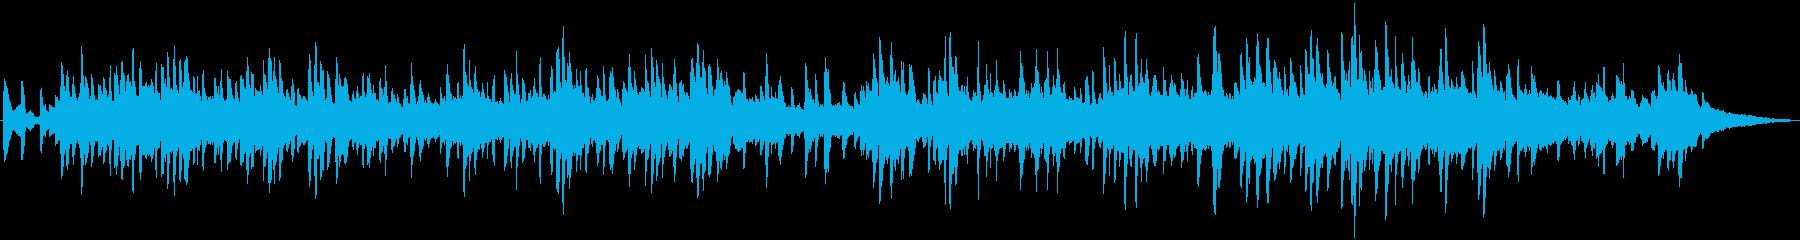 オシャレで癒しのジャズ風ピアノソロ生演奏の再生済みの波形